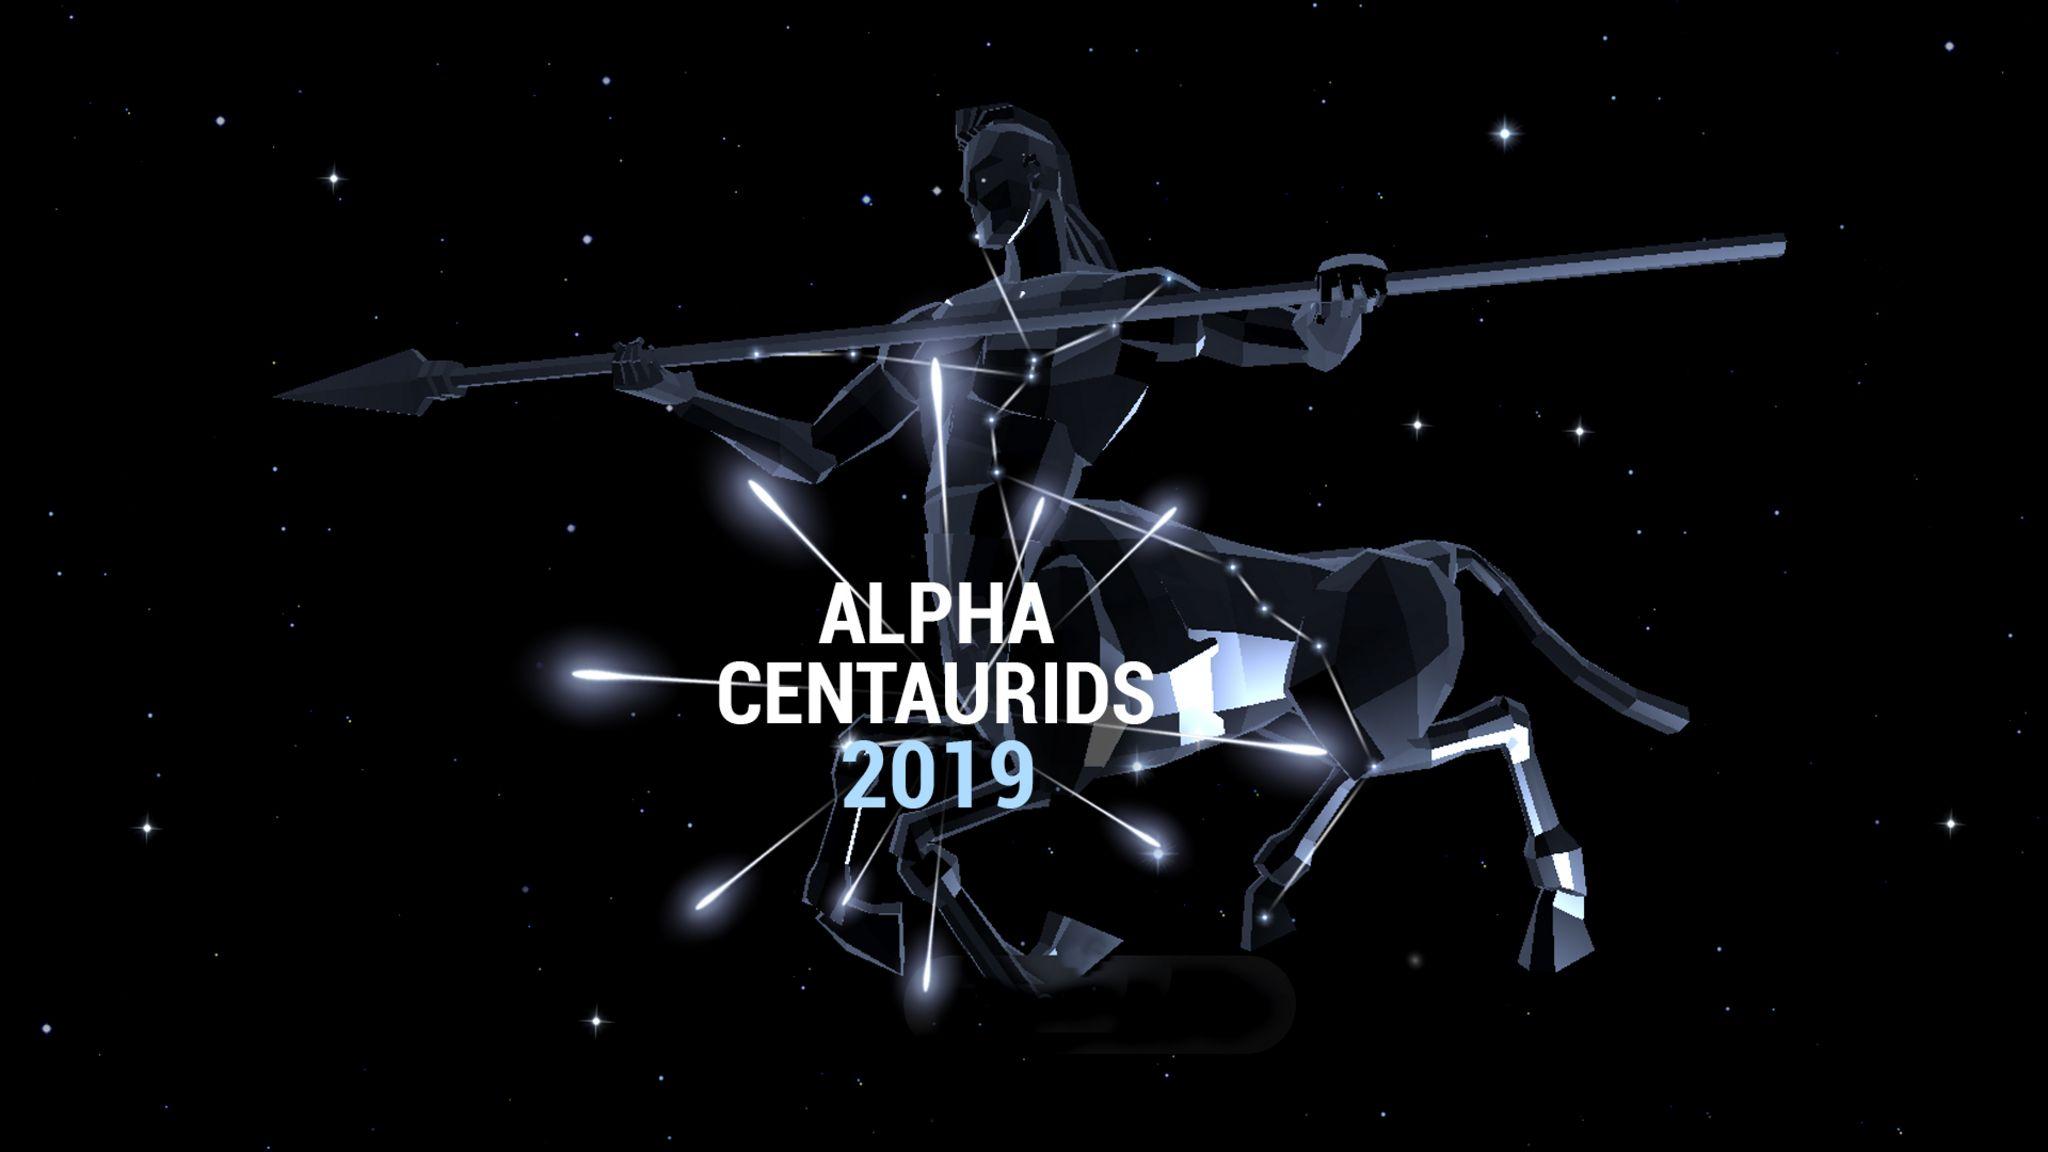 Pluie de météores Alpha Centaurides